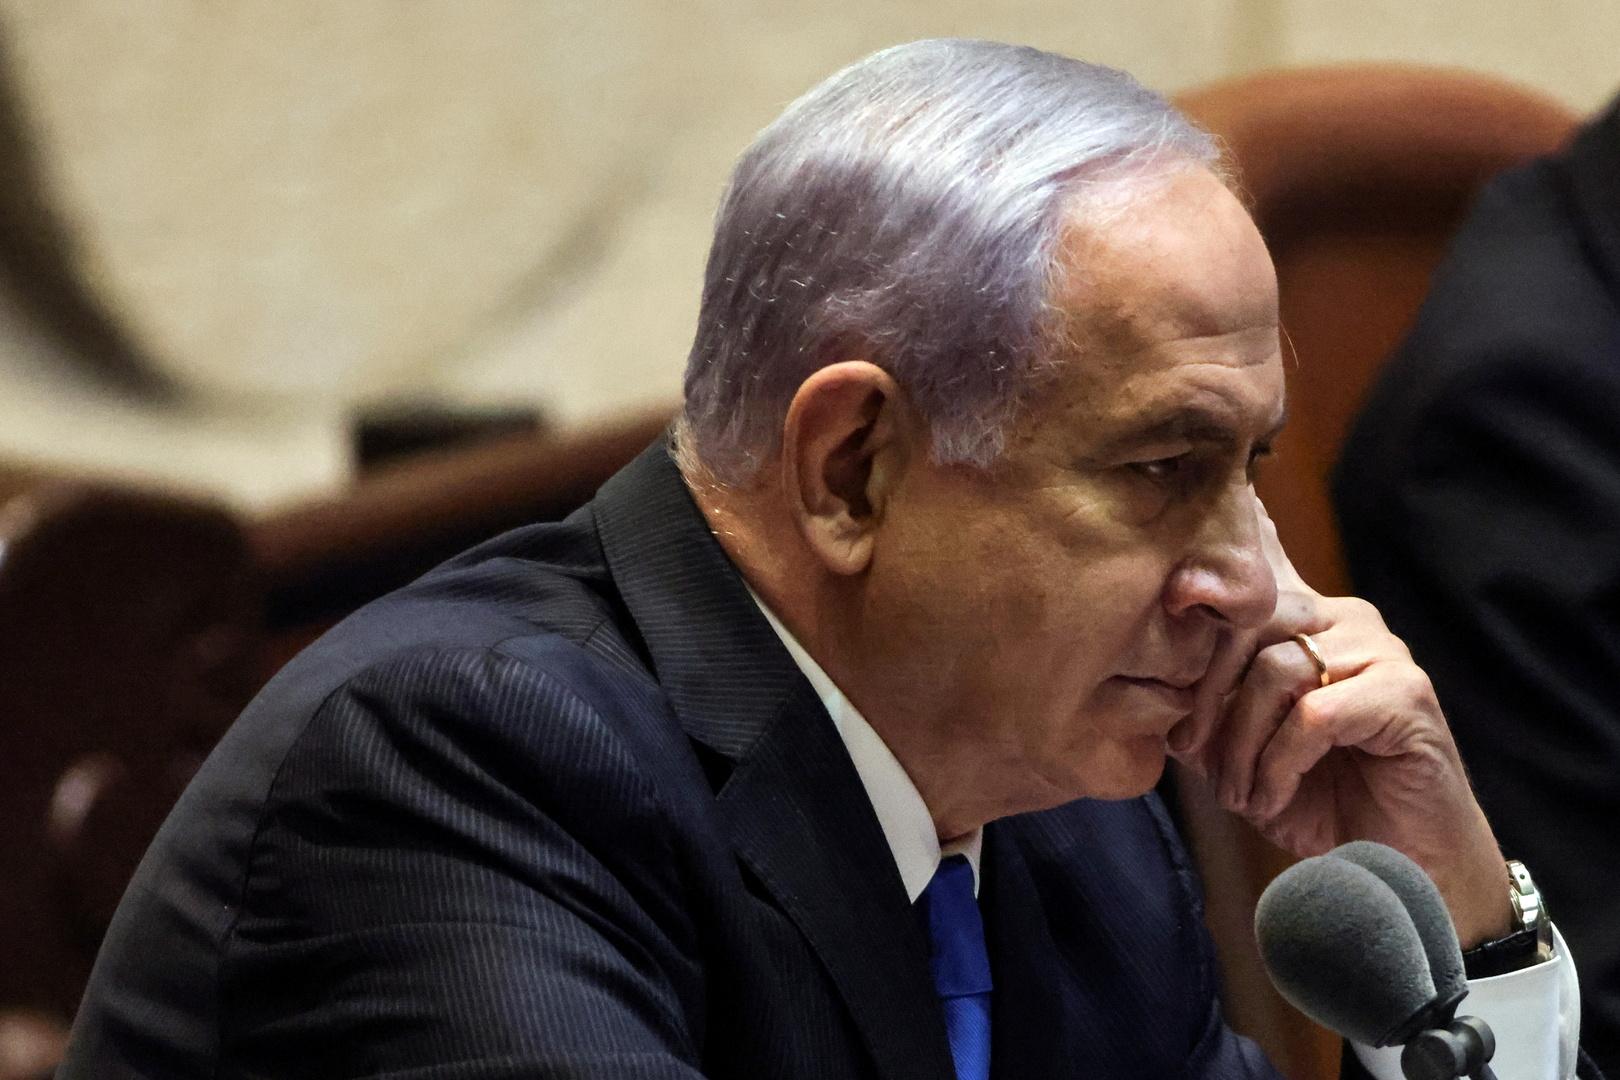 بعد 12 عاما.. نتنياهو يغادر مع عائلته مقر رئيس حكومة إسرائيل في القدس